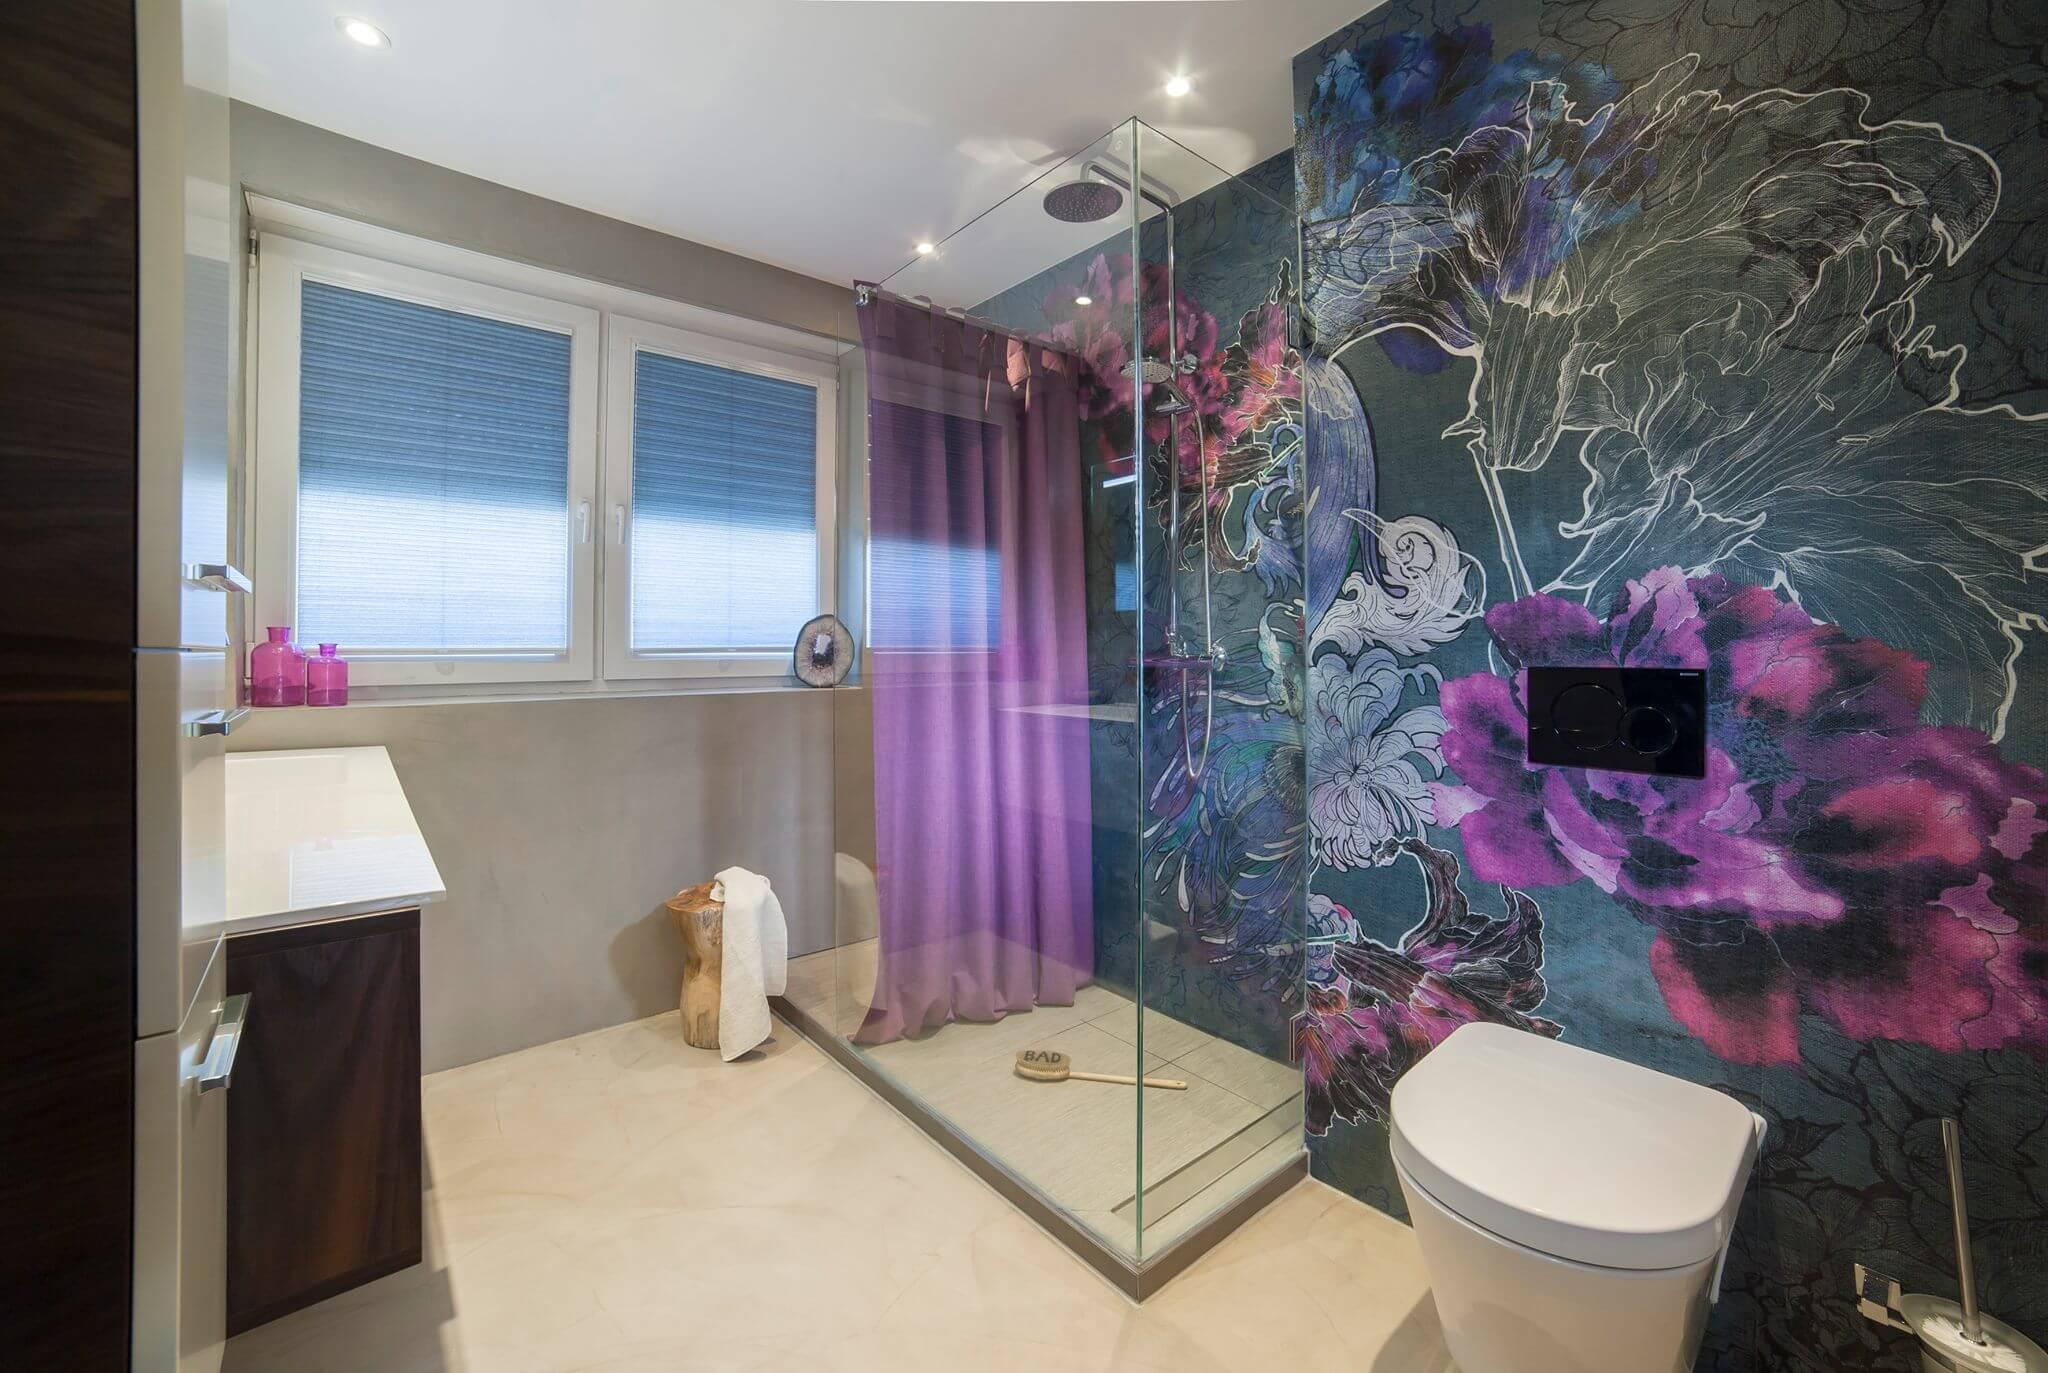 Badgestaltung mit Tapeten ✓ - Ist Tapete im Bad machbar ?